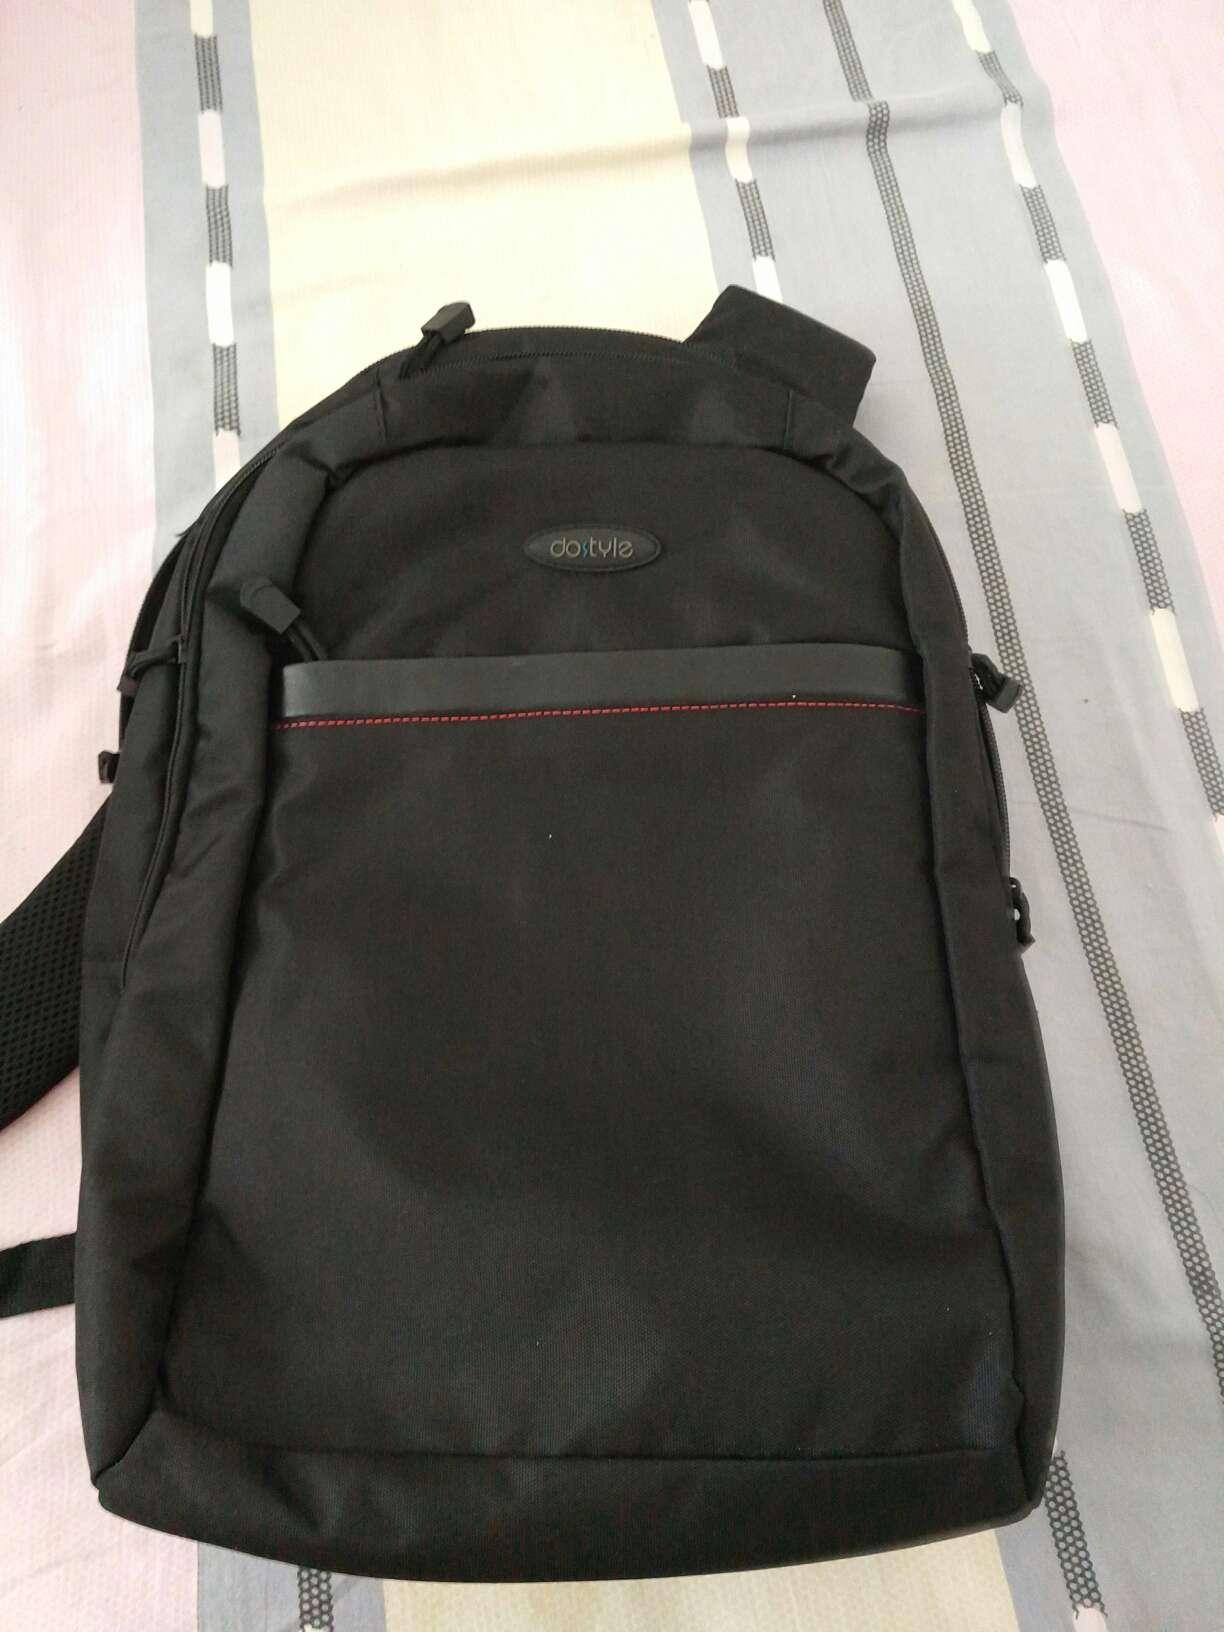 clearance mens hoodies 00216610 bags